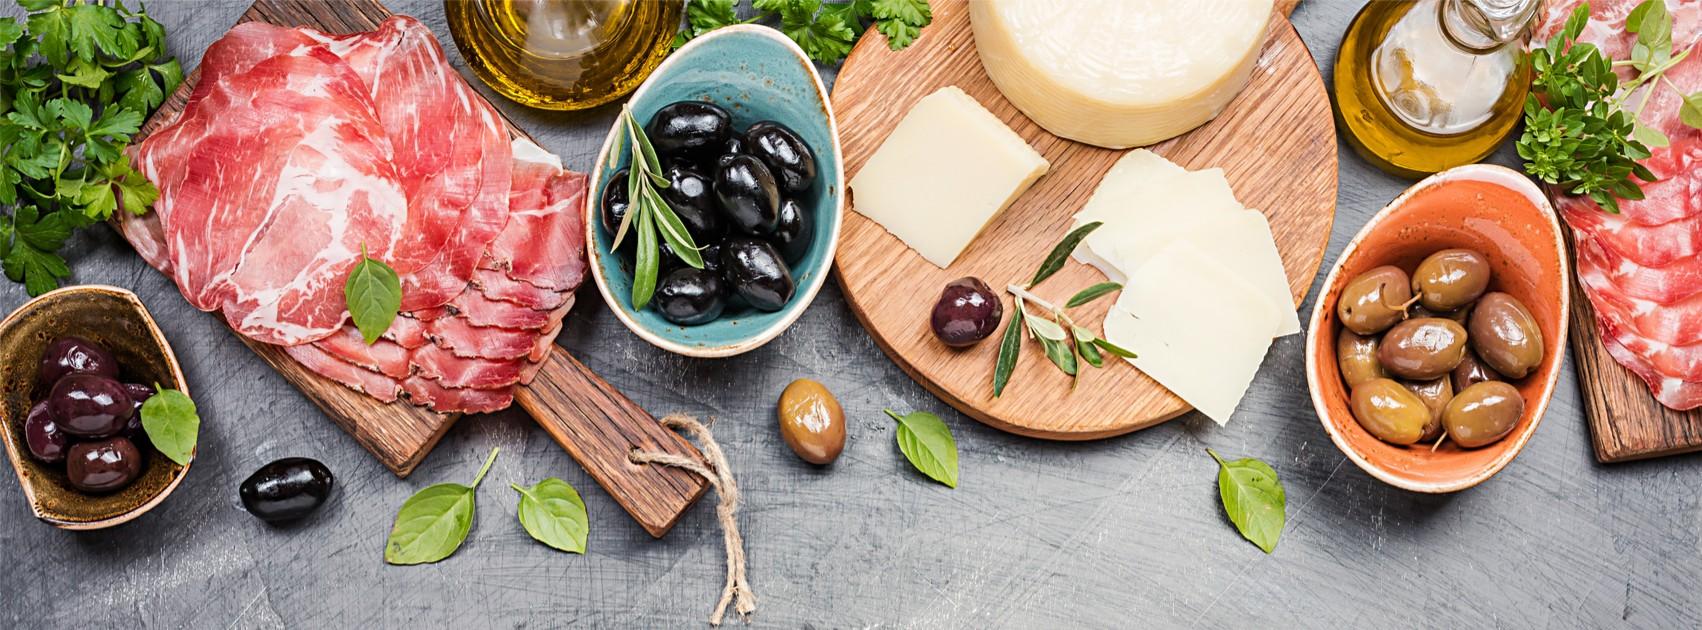 Alce Luzzara Reggio Emilia foodpartner srl | linkedin